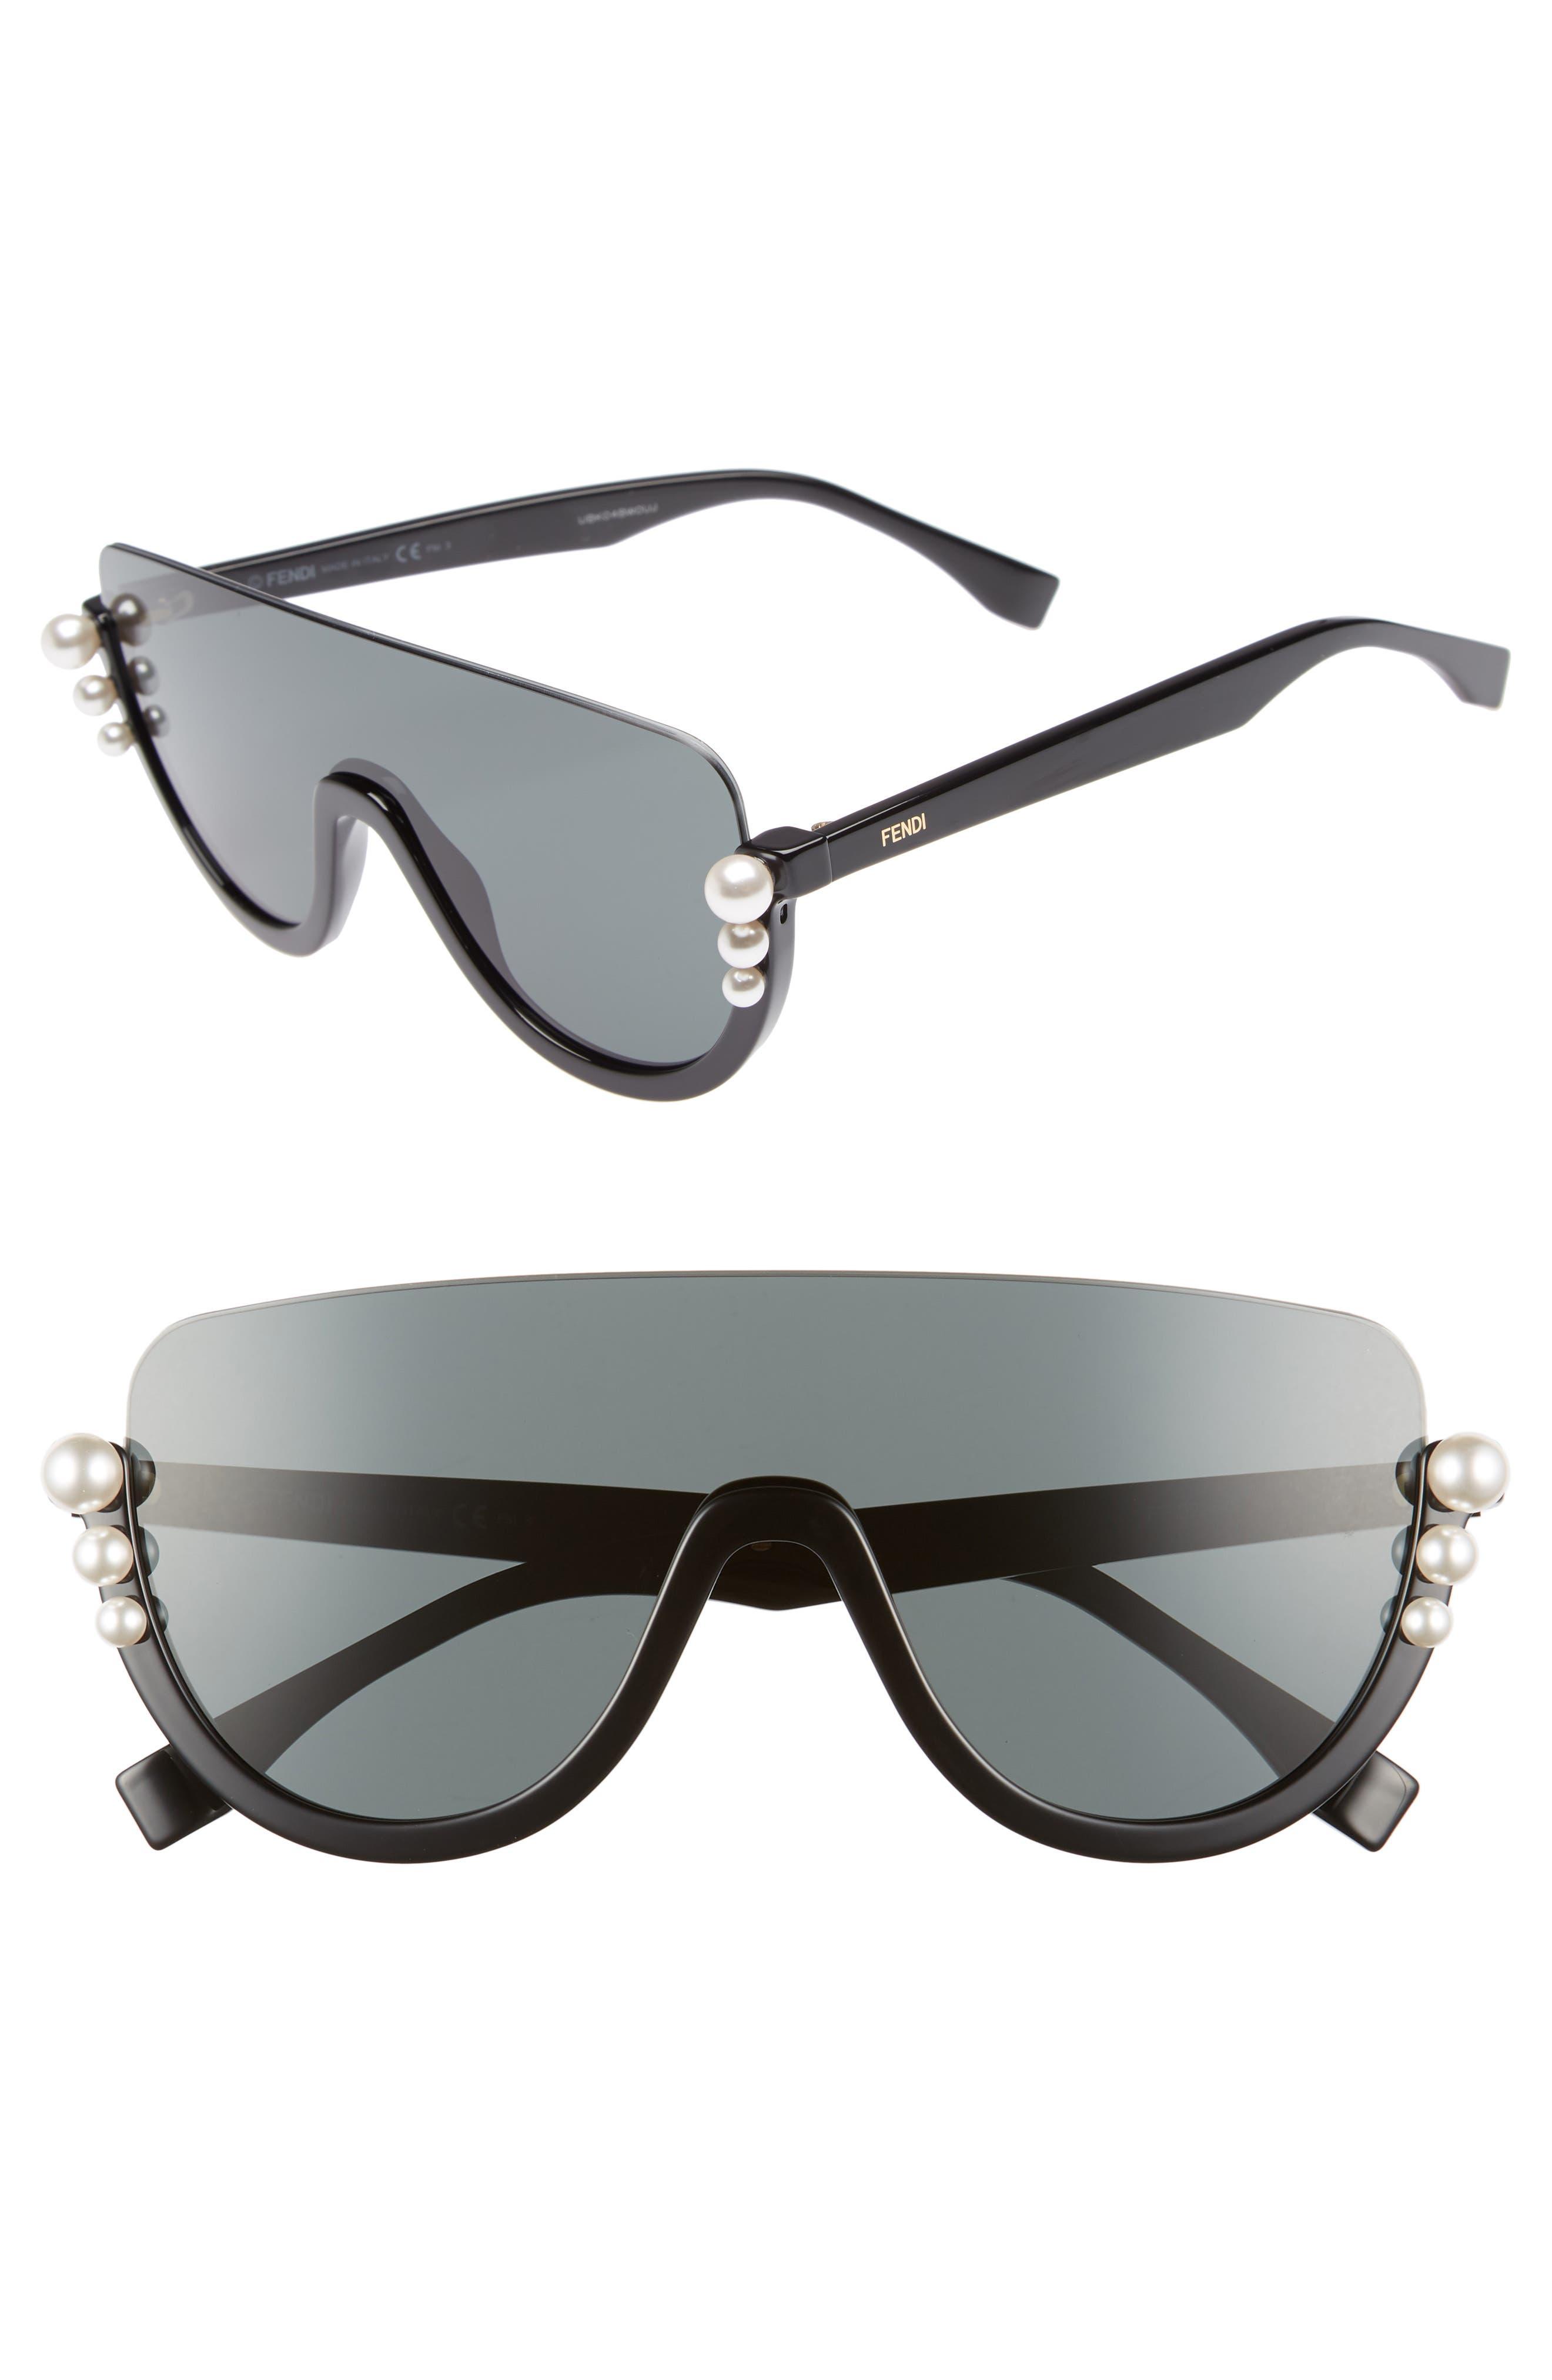 57mm Polarized Rimless Shield Sunglasses,                             Main thumbnail 1, color,                             Black